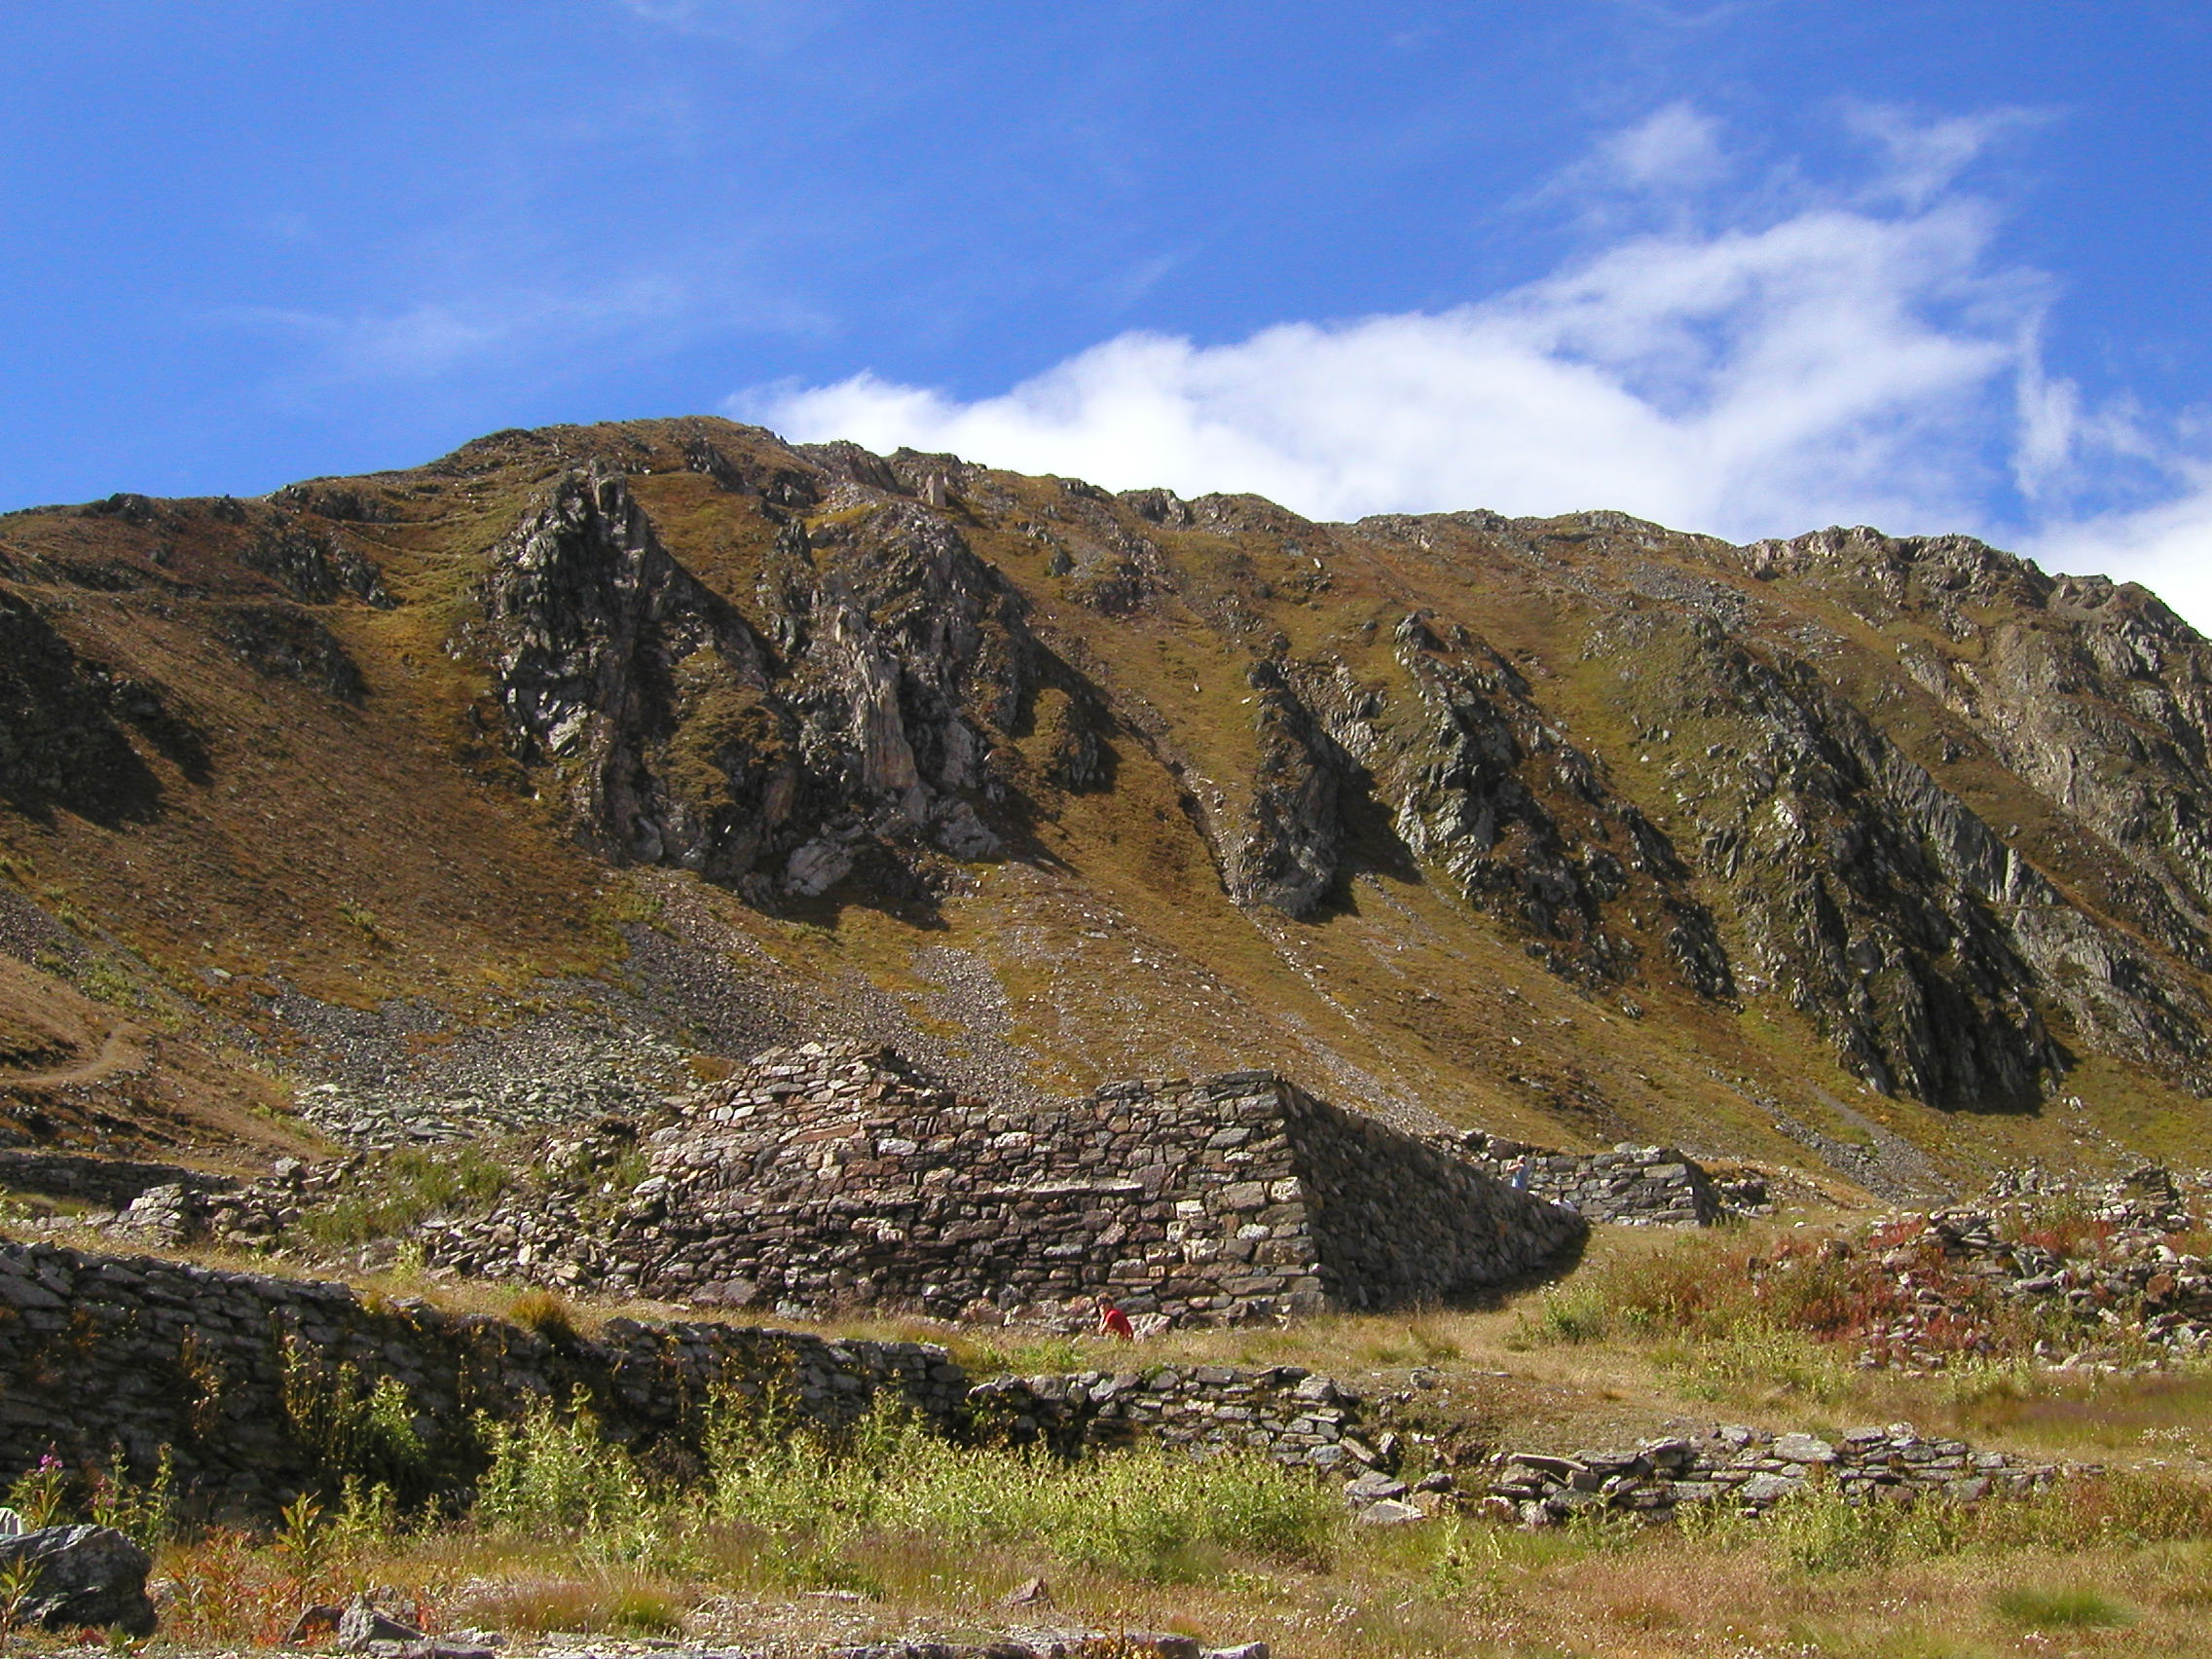 Forte di Mero - Passo del Tonale - Val Di Sole 25 Giugno 2018-pejo-3-settembre-012.jpg